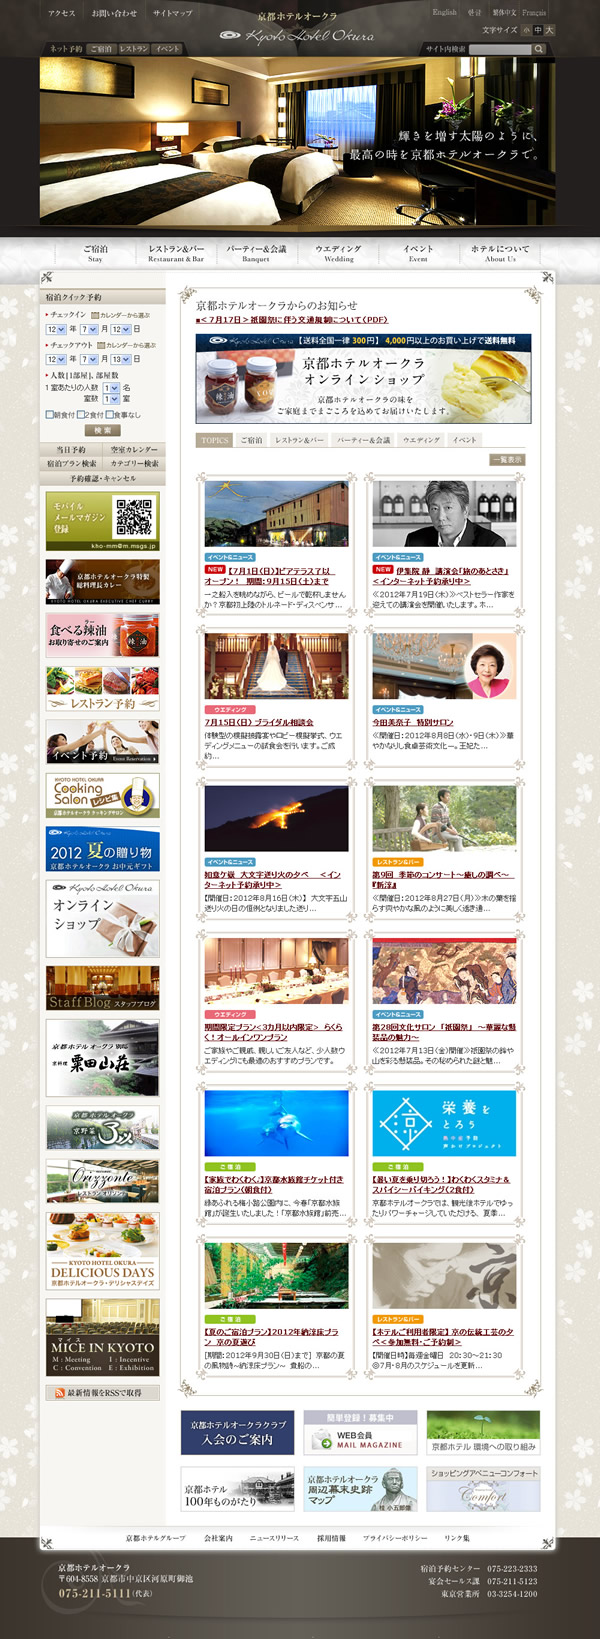 web_3_1.jpg